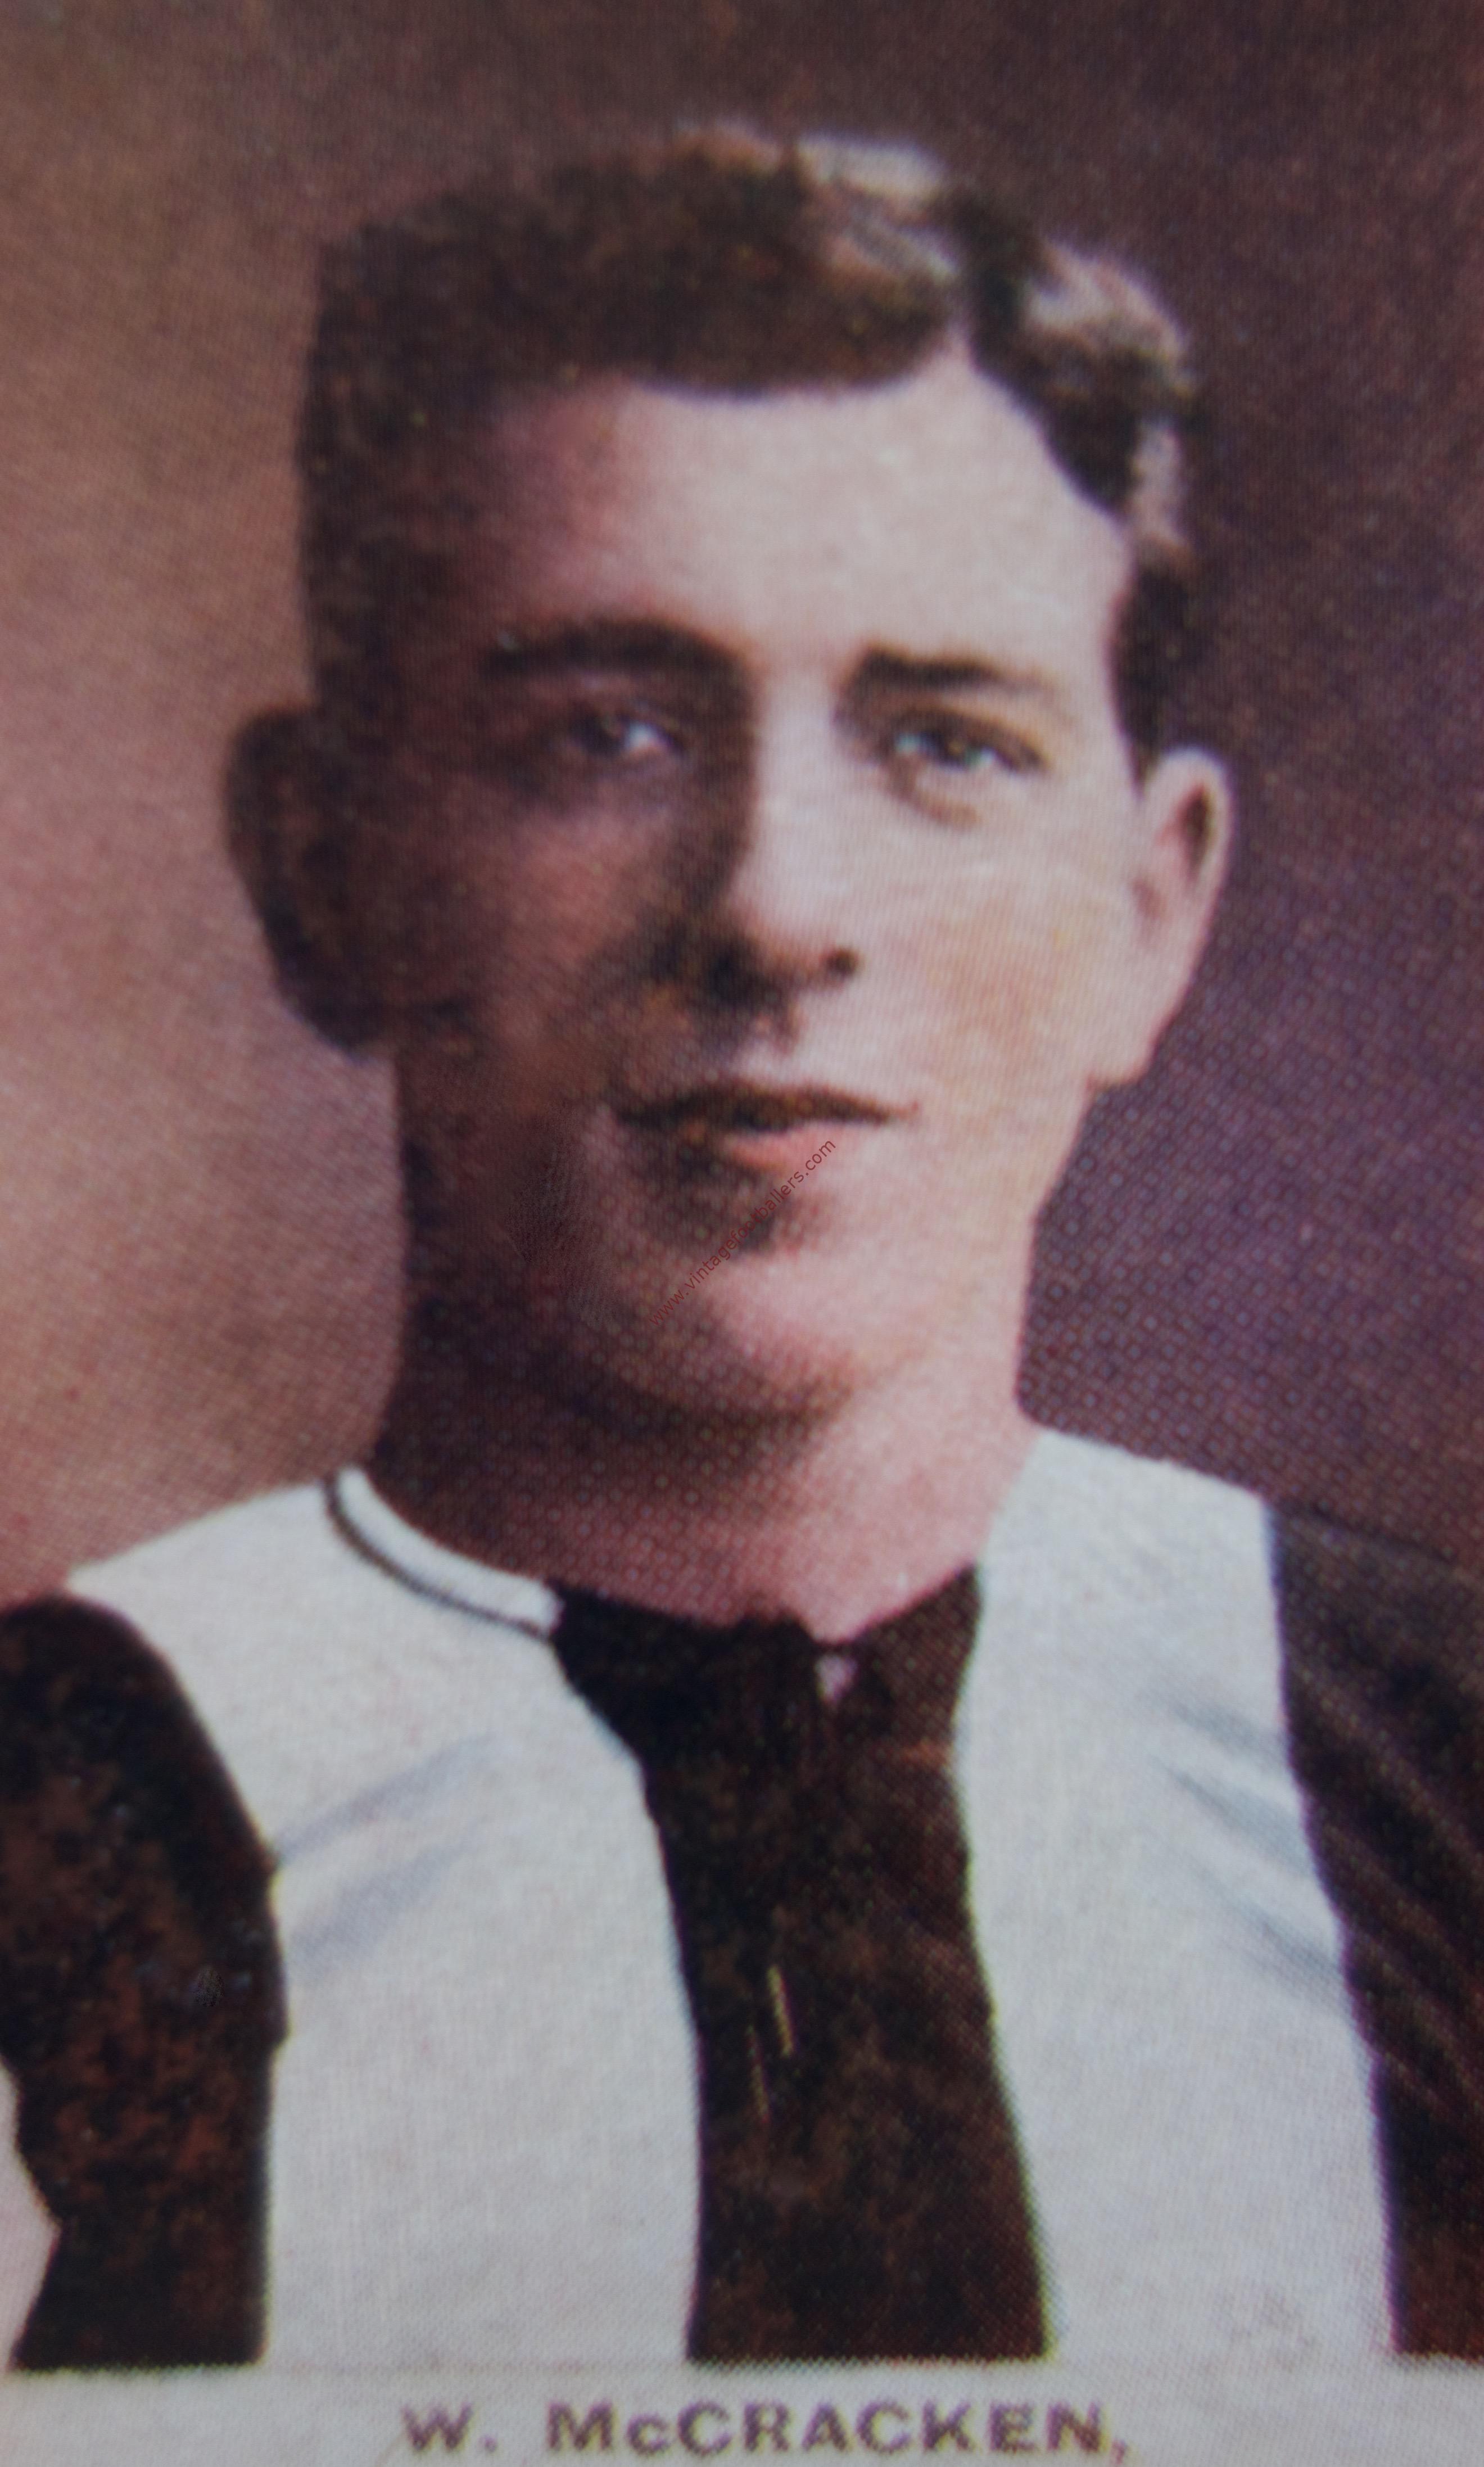 cc4c11af2d5 McCracken Billy Image 12 Newcastle United 1922 - Vintage Footballers